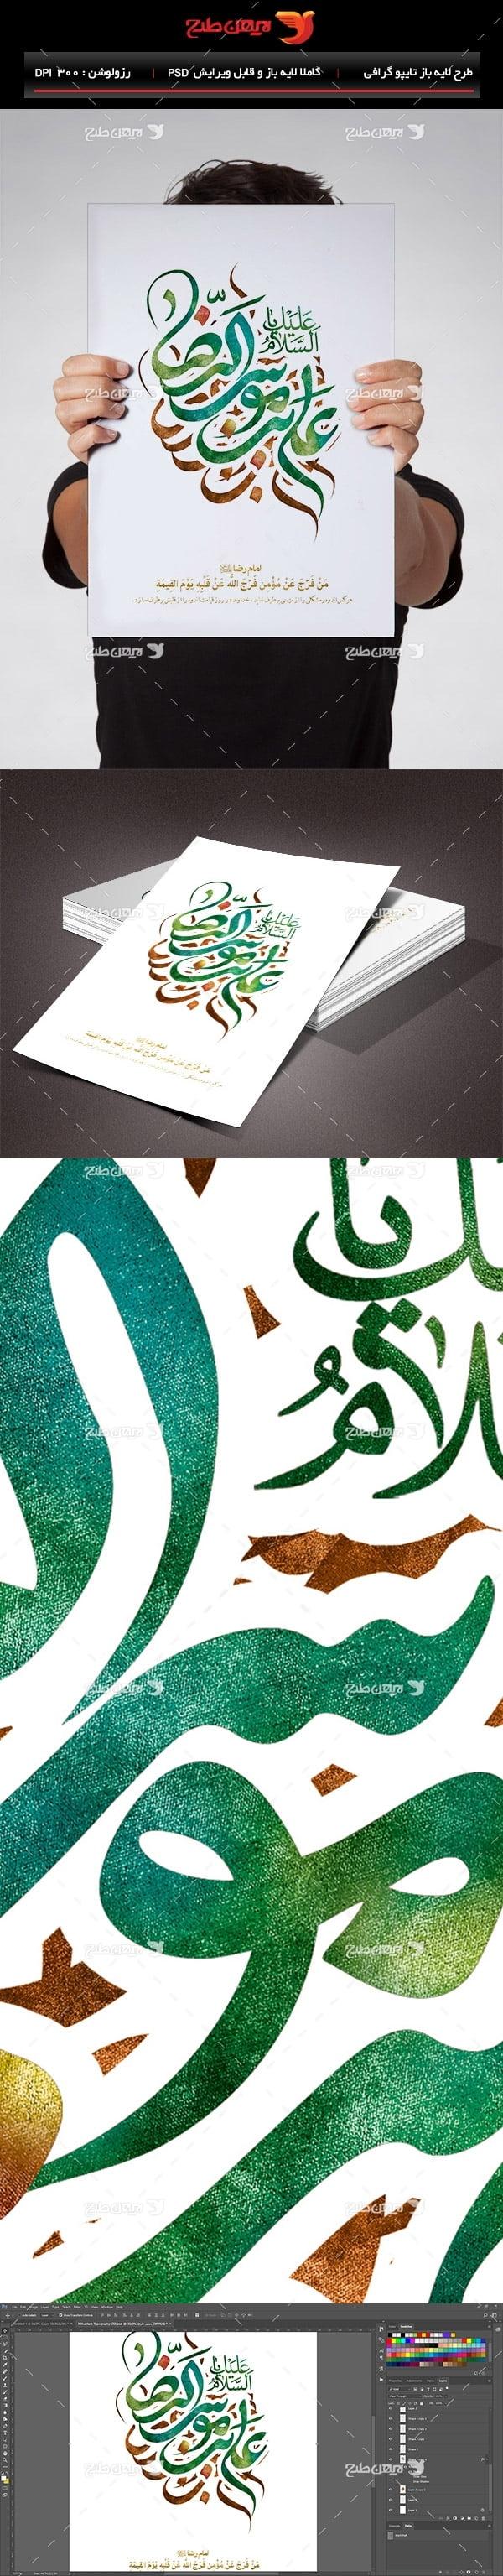 طرح لایه باز تایپوگرافی و خطاطی نام علی بن الموسی رضا (ع)